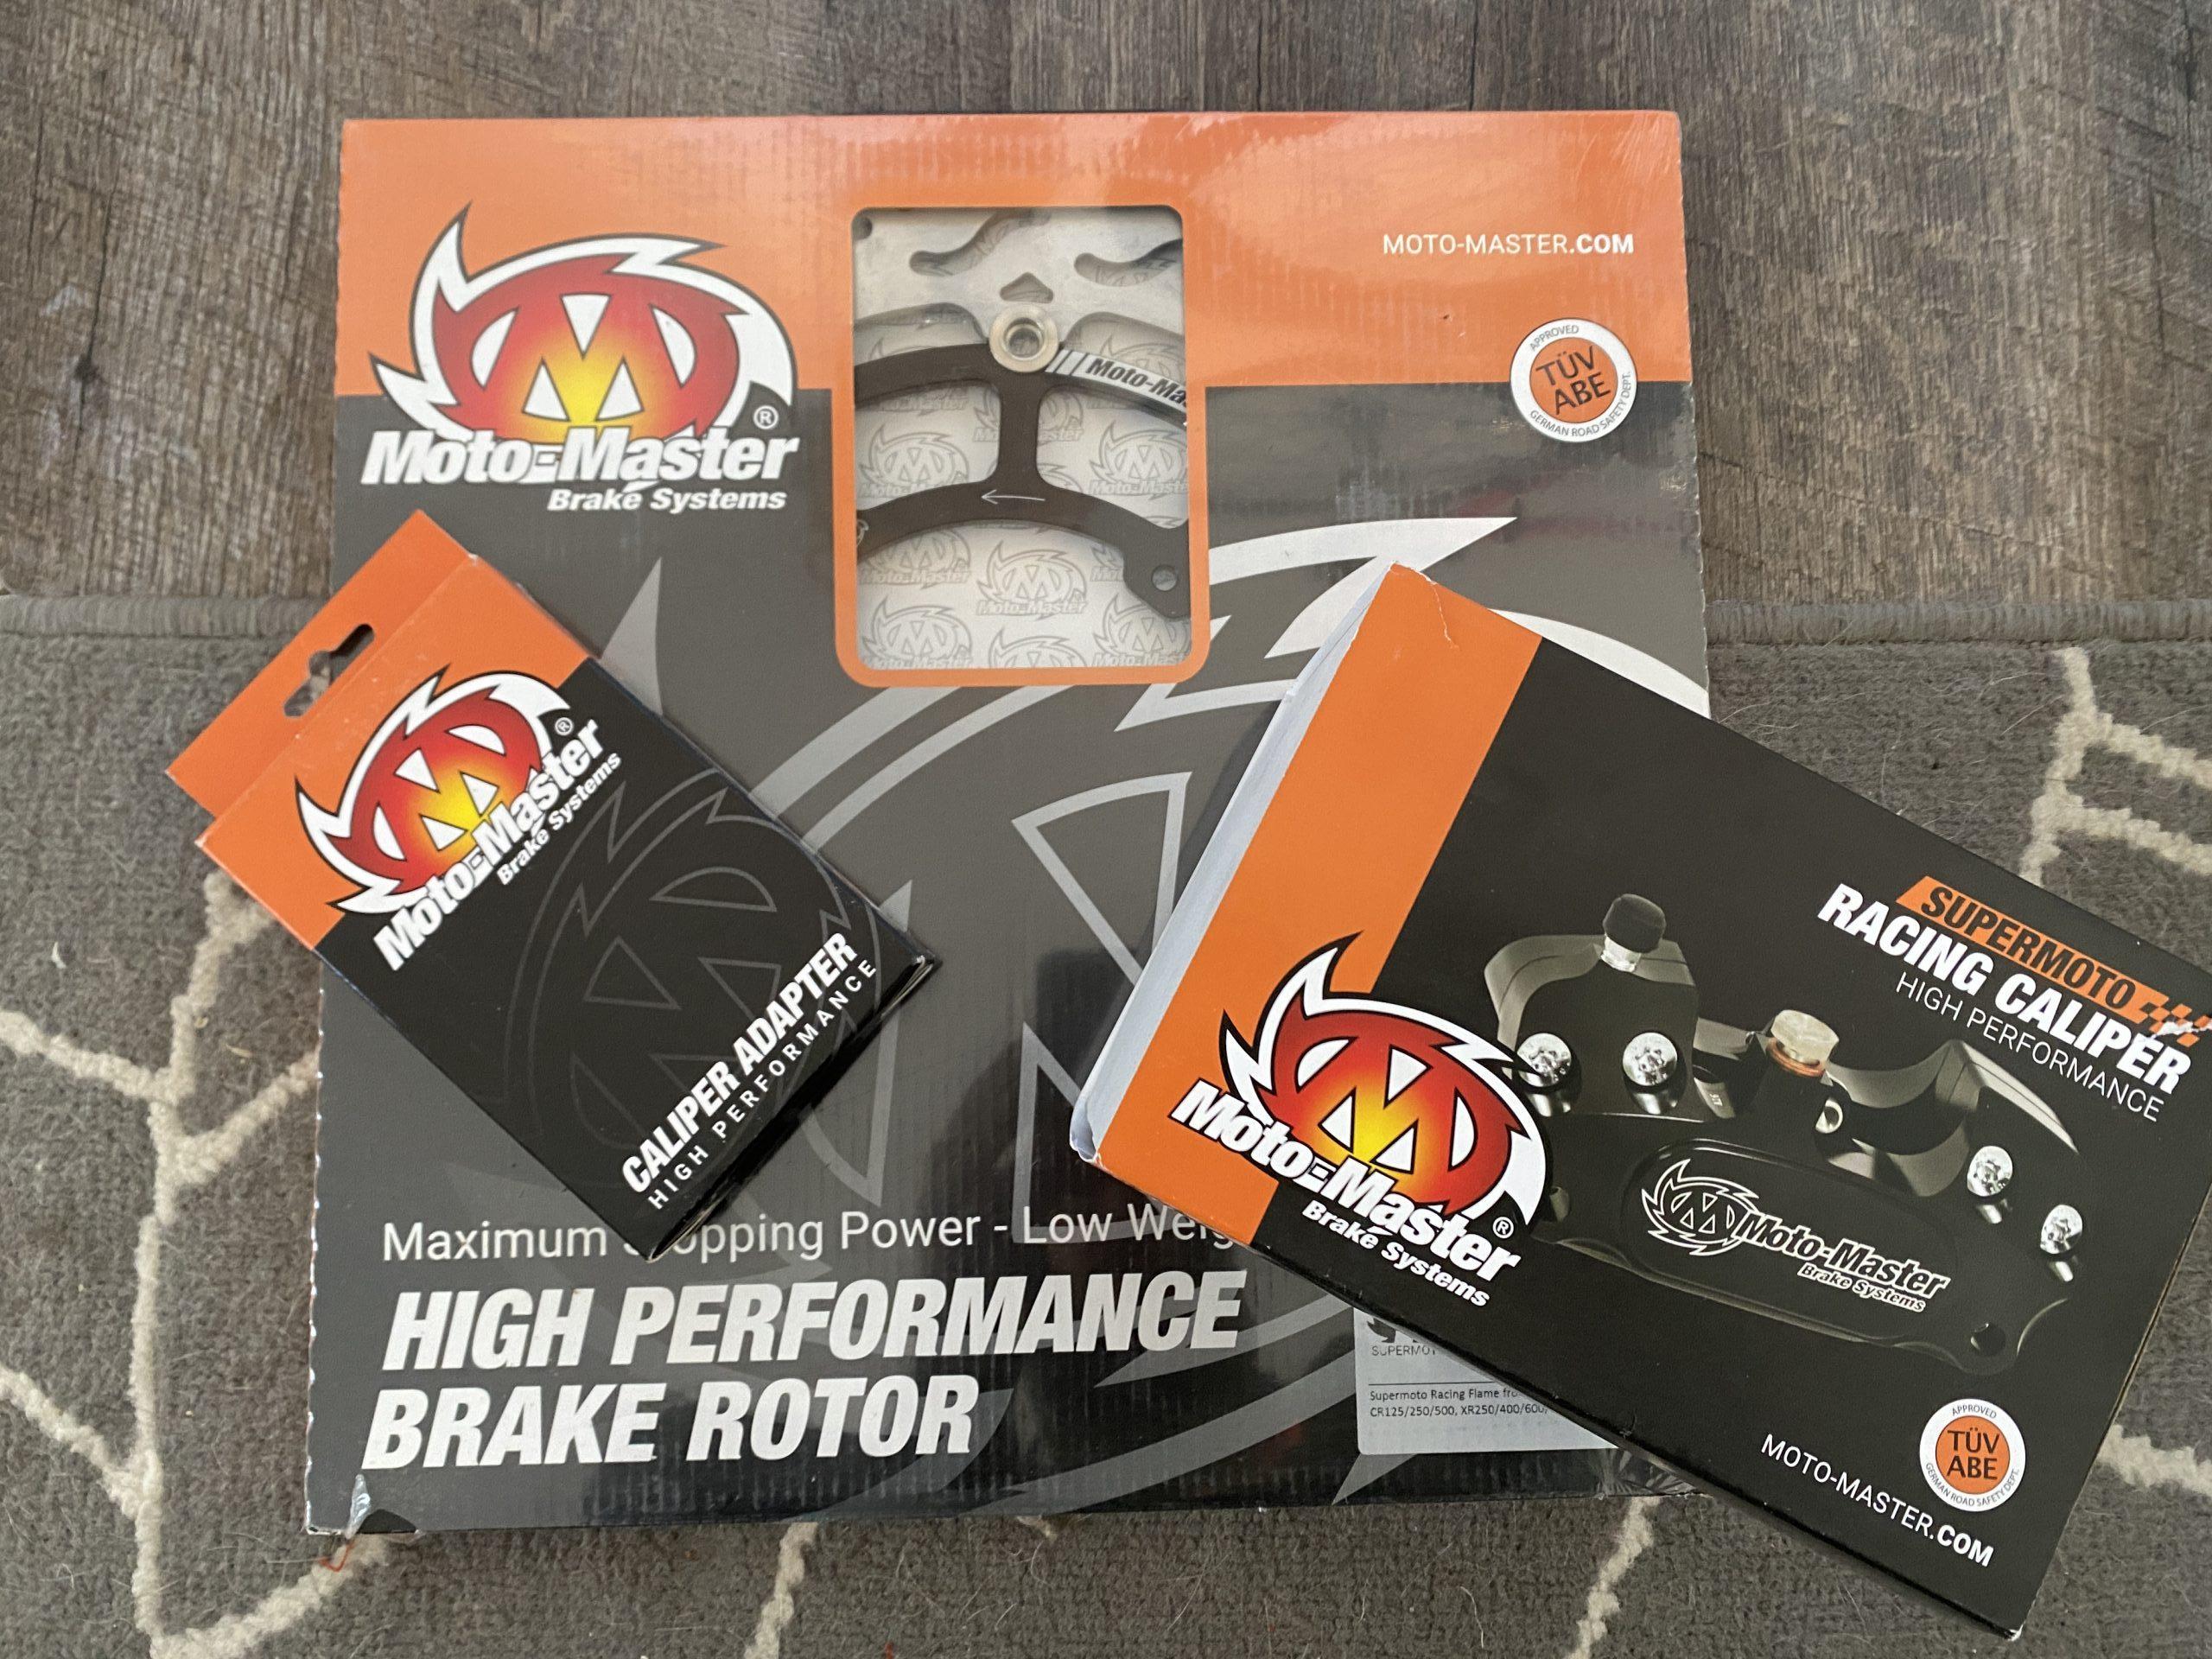 Moto Master front brake setup